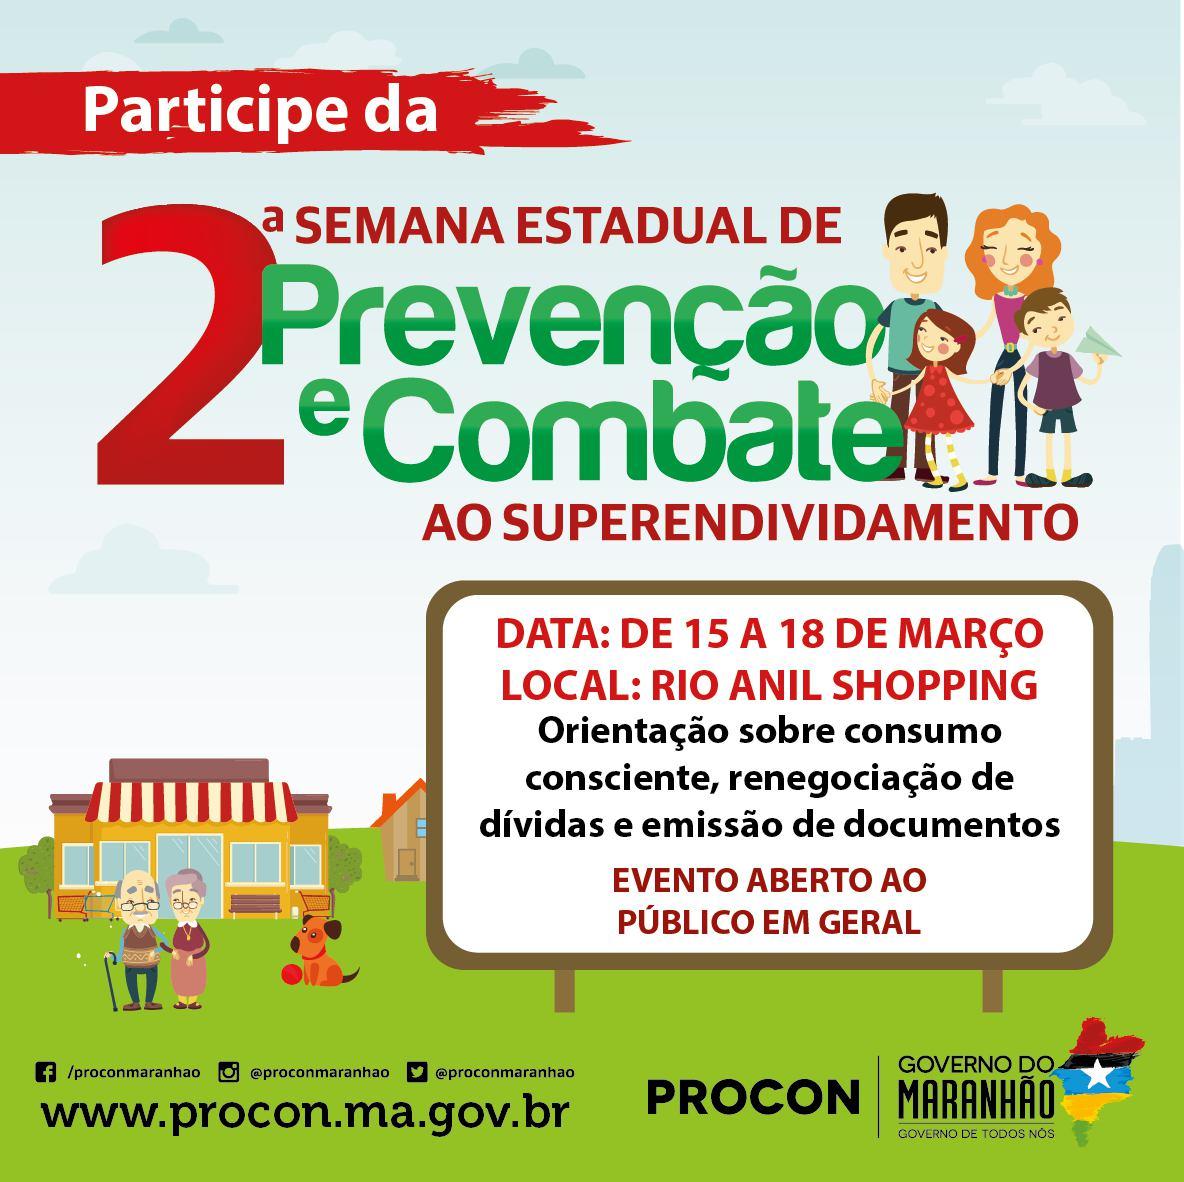 Foto _ 1 Divulgação_Procon Saiba como renegociar suas dívidas na Semana de Prevenção e Combate ao Superendividamento do PROCON MA